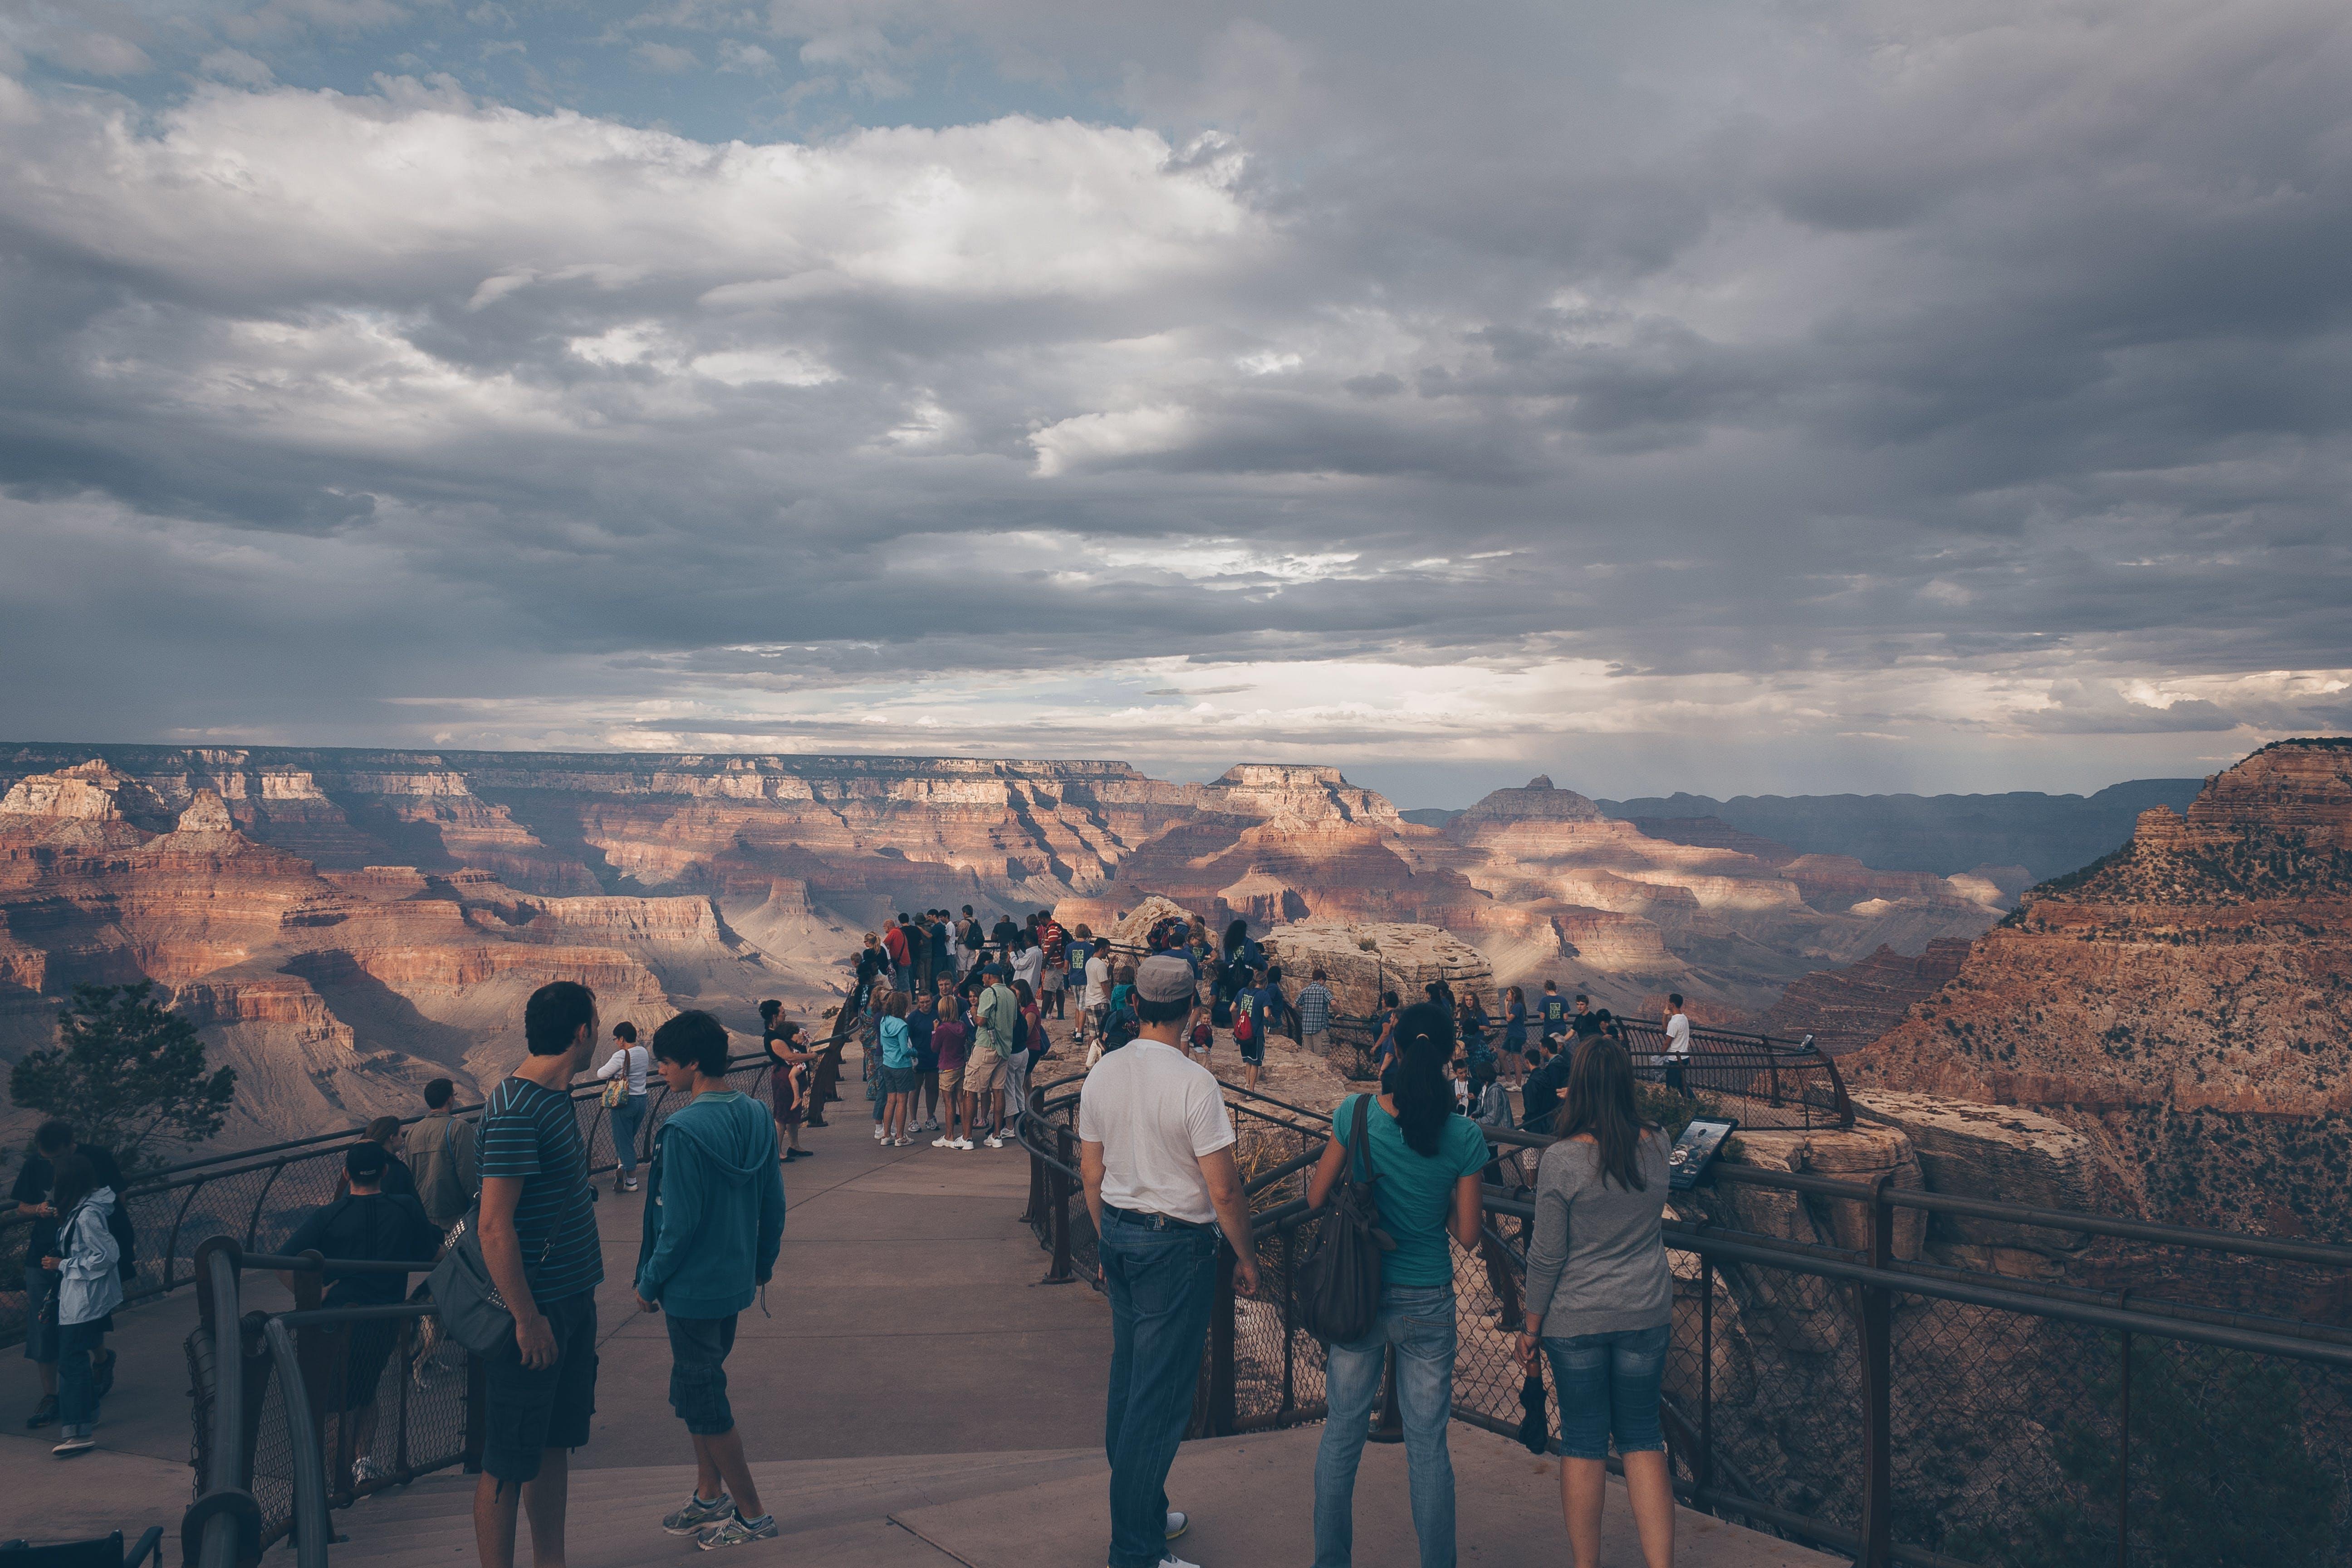 Kostenloses Stock Foto zu abenteuer, berg, canyon, draußen